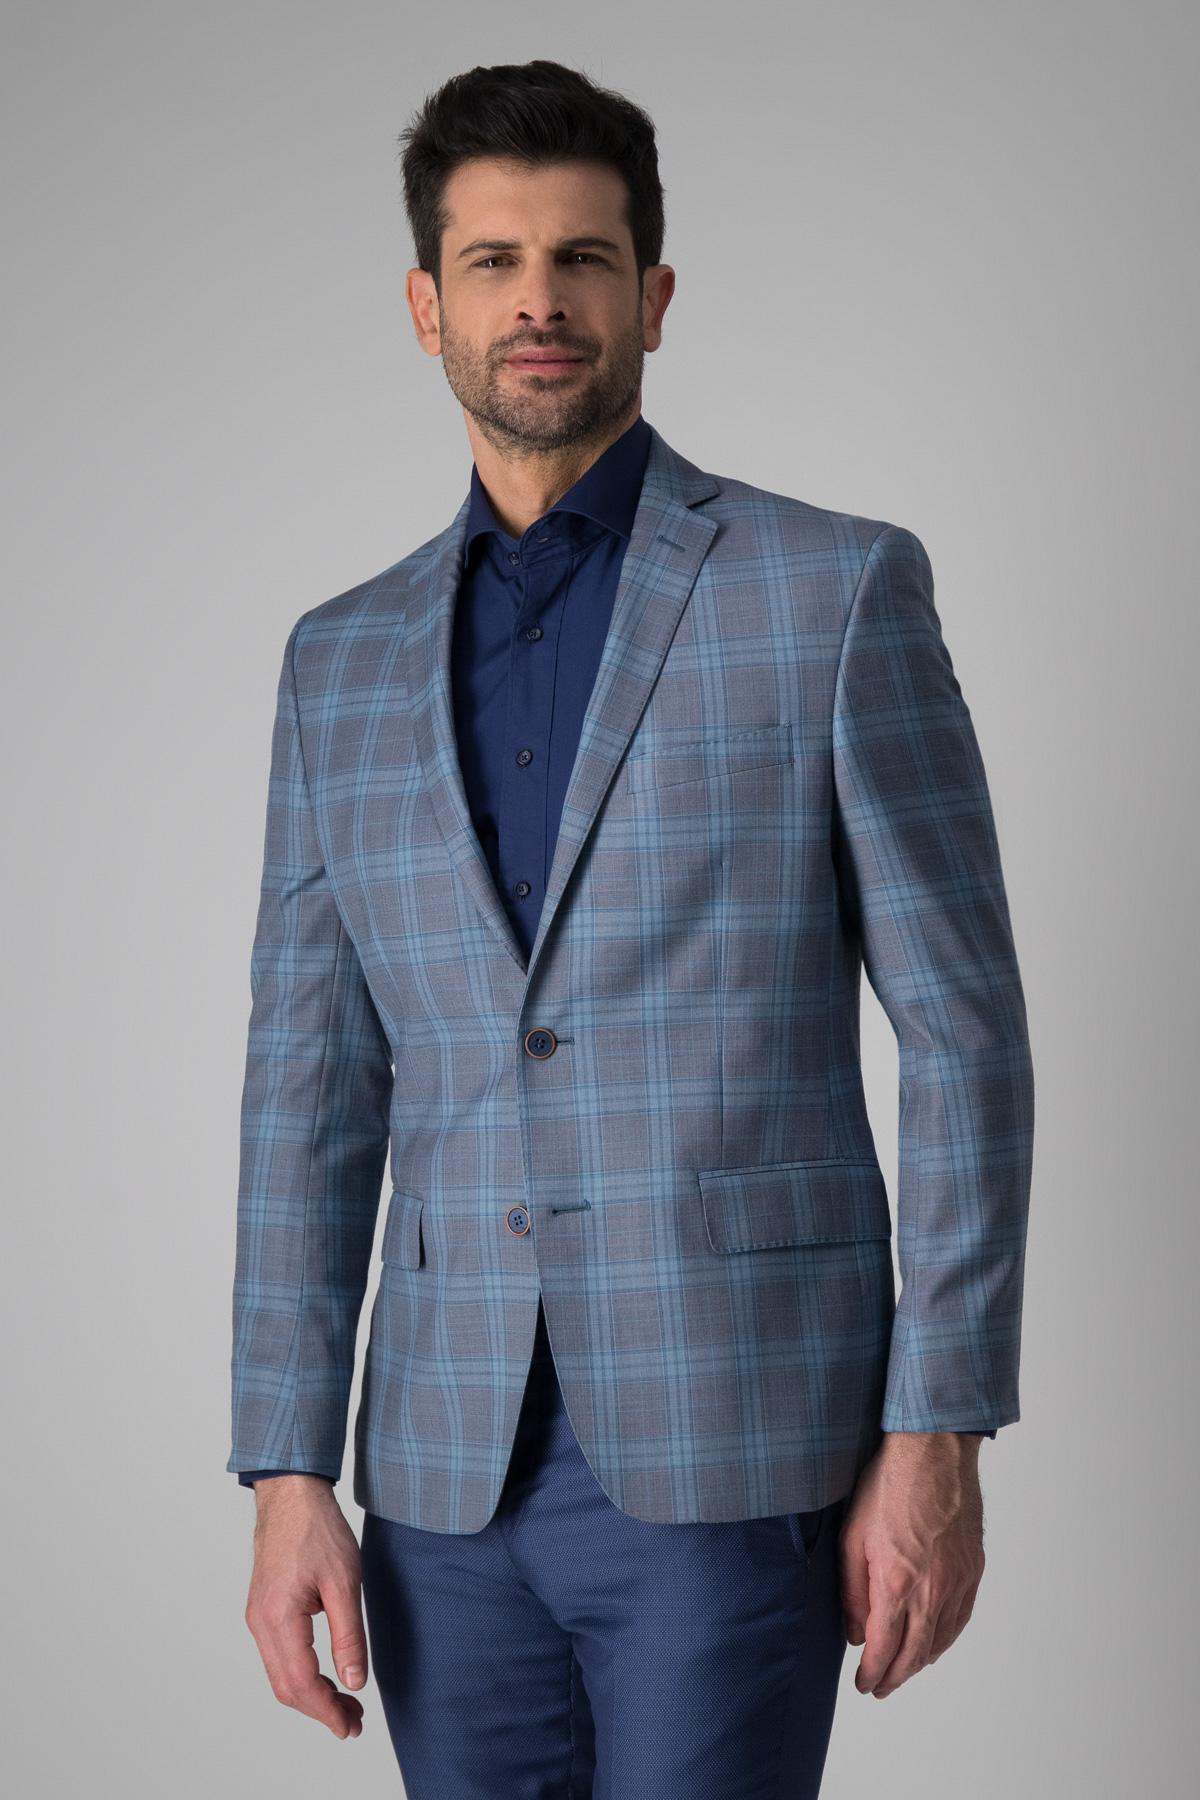 Saco Robert´s 100% lana, slim fit, gris cuadros en azul.